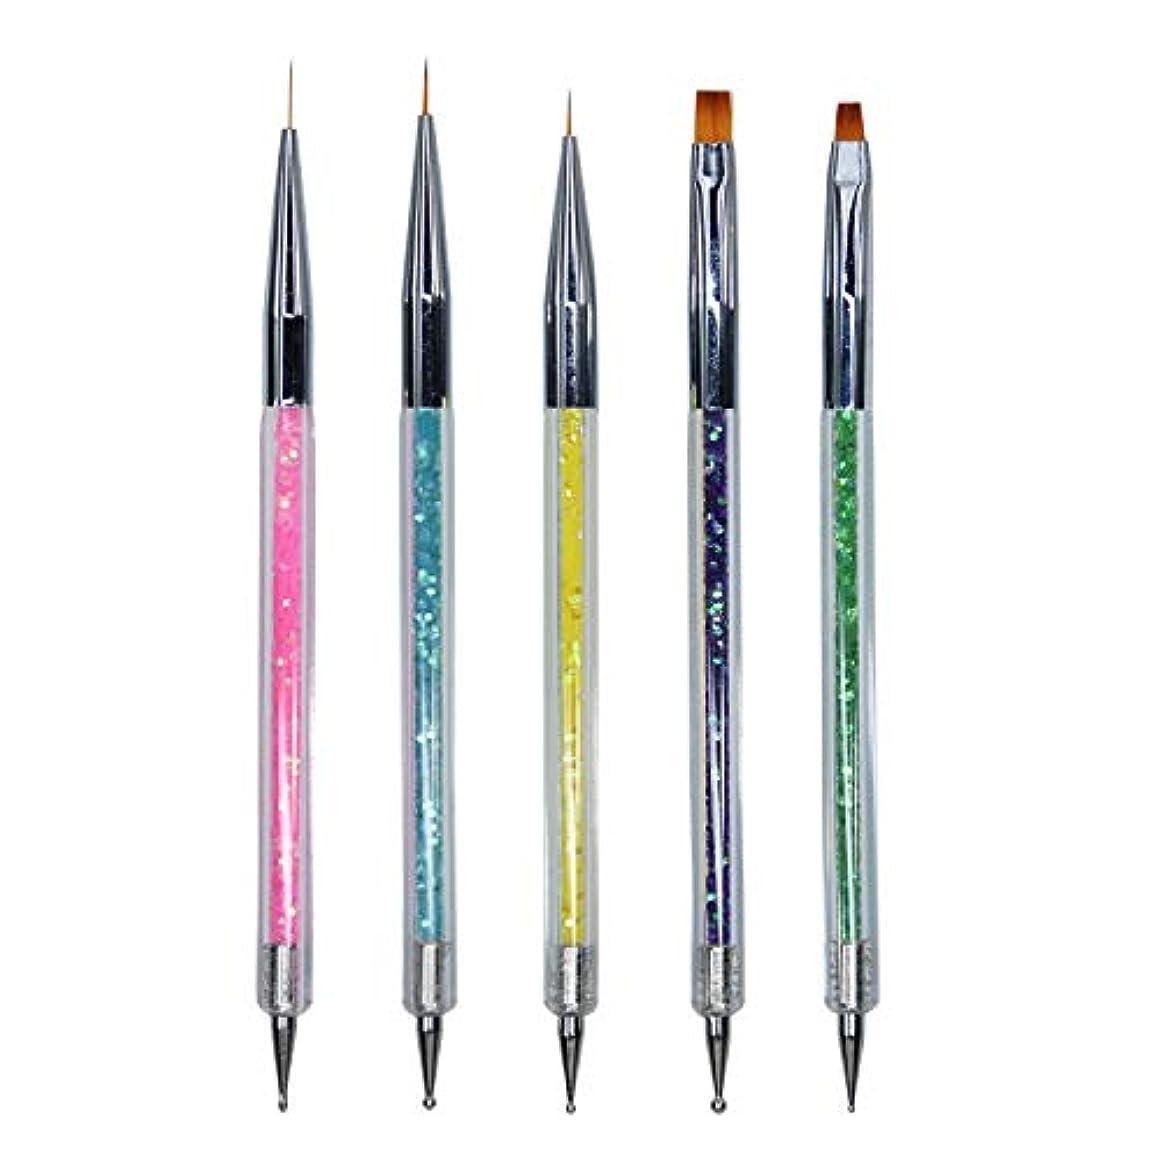 北米理想的にはいくつかのMissct ネイルアートブラシ 5本セット 2way ネイル筆 ライン 平筆 ドットペン ドット棒 画筆 高級ナイロン筆先 ペン マニキュアツール ジェルネイル 用品道具